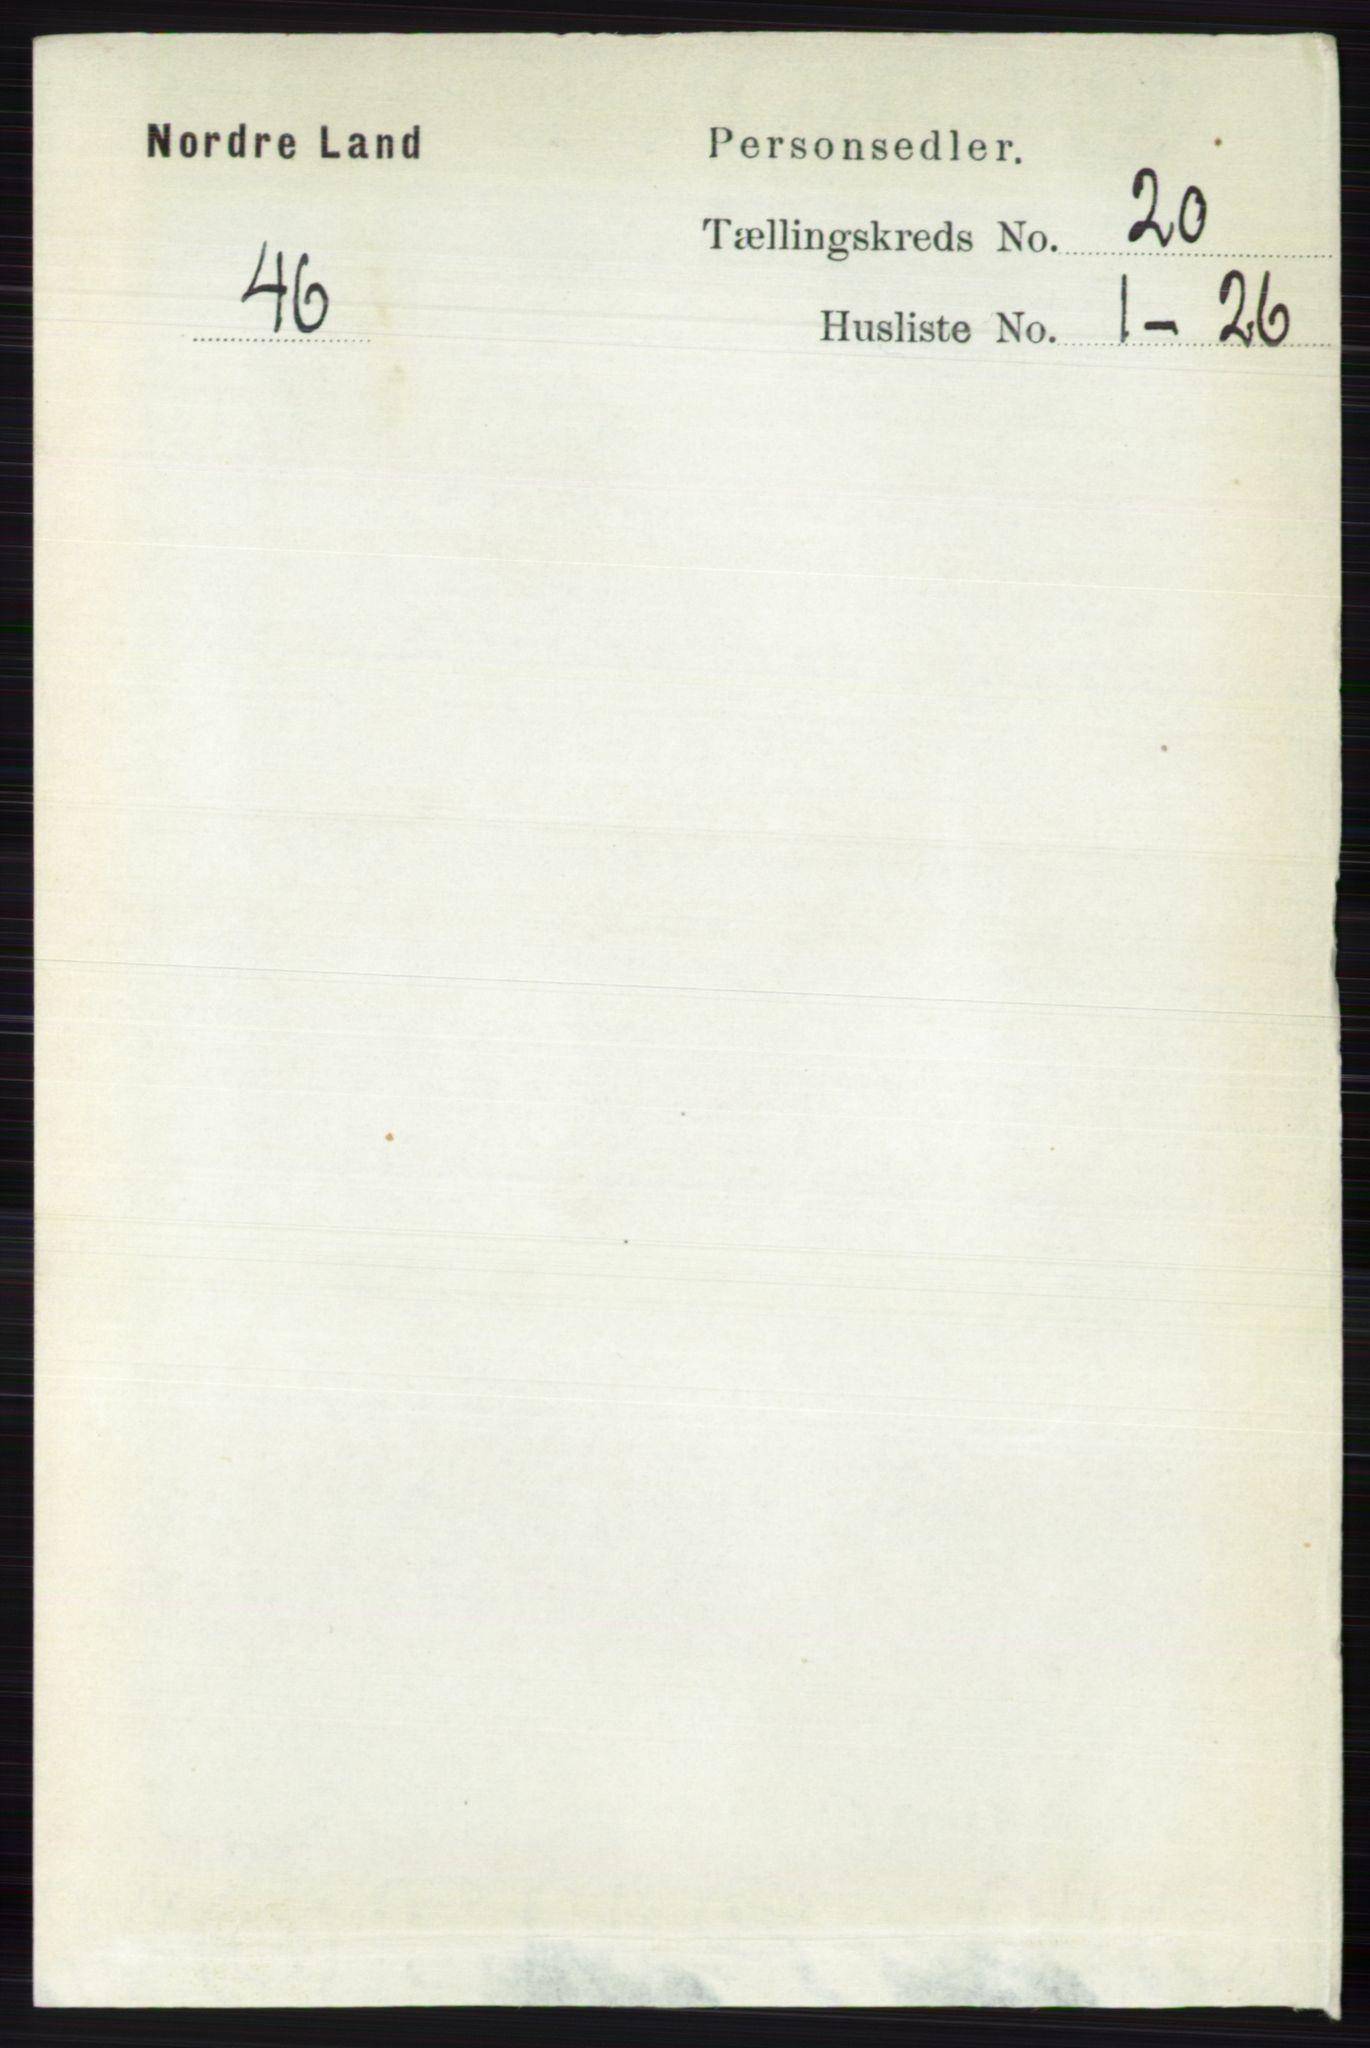 RA, Folketelling 1891 for 0538 Nordre Land herred, 1891, s. 4870